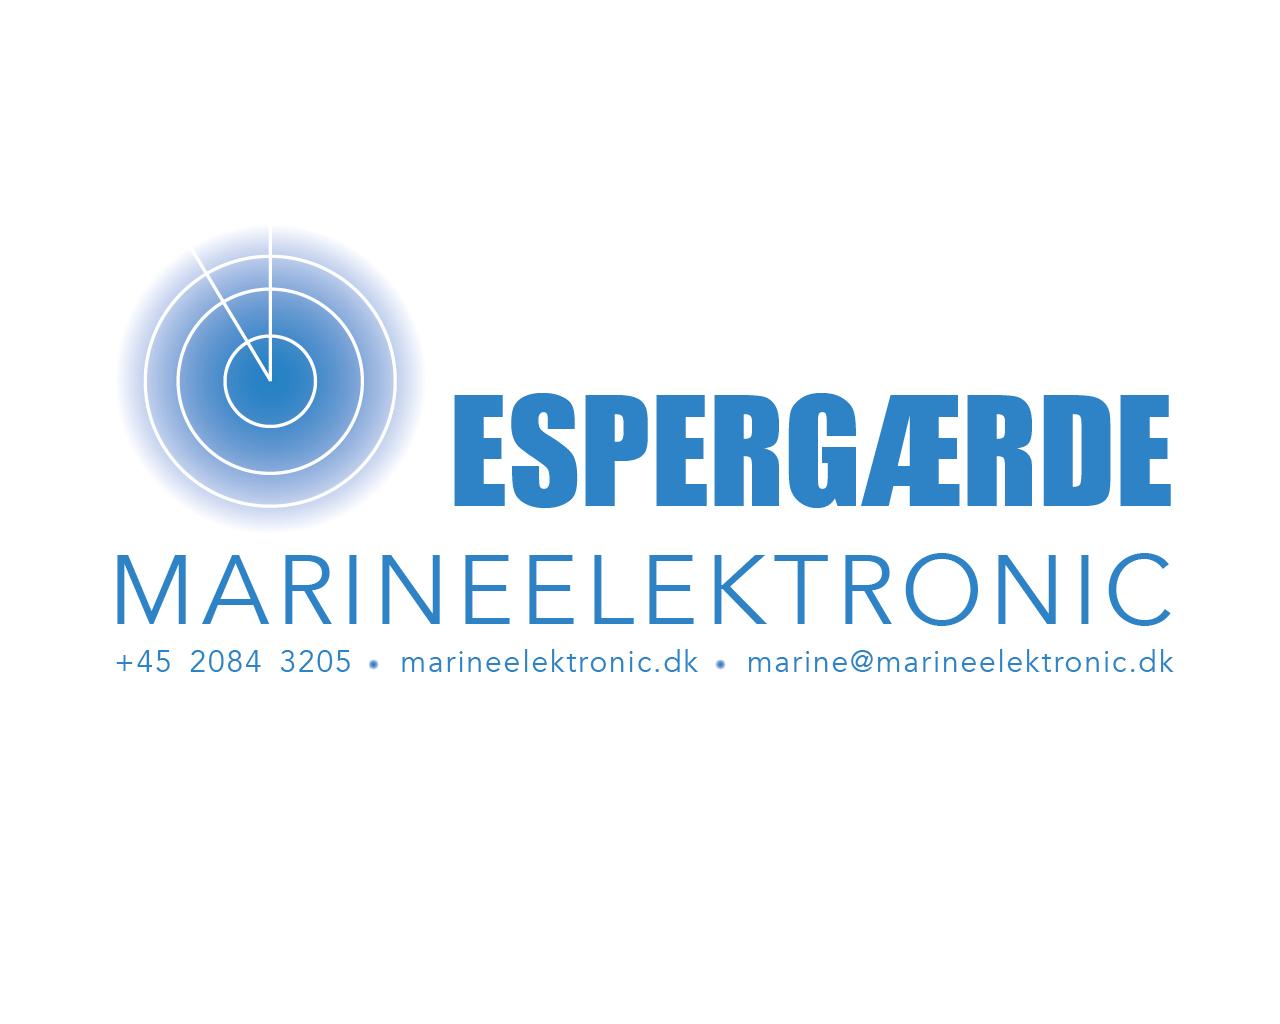 Marineelektronic